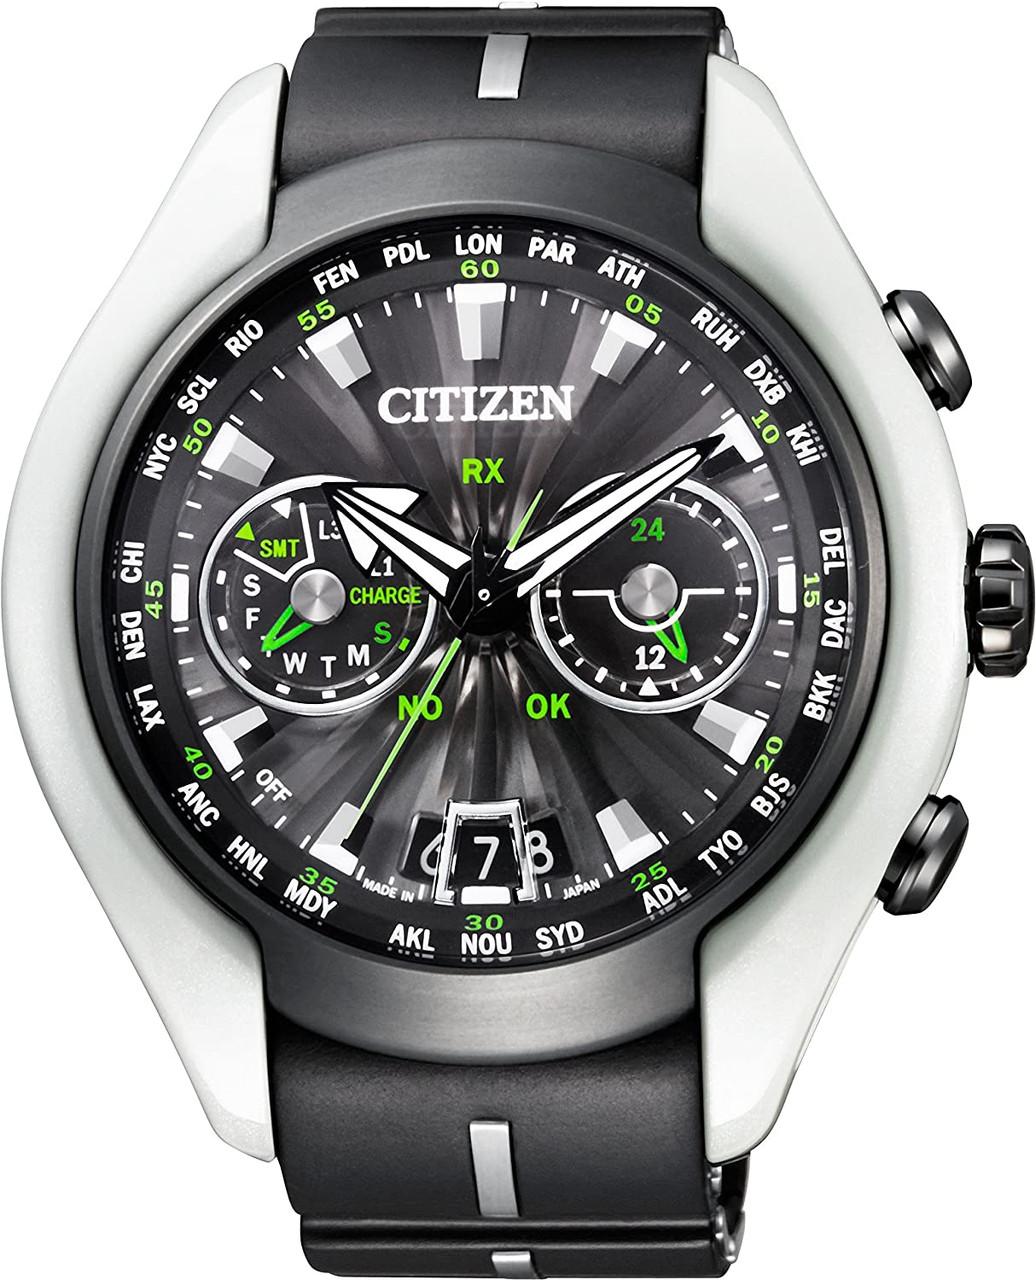 Citizen SATELLITE AIR WAVE CC1064-01E Limited